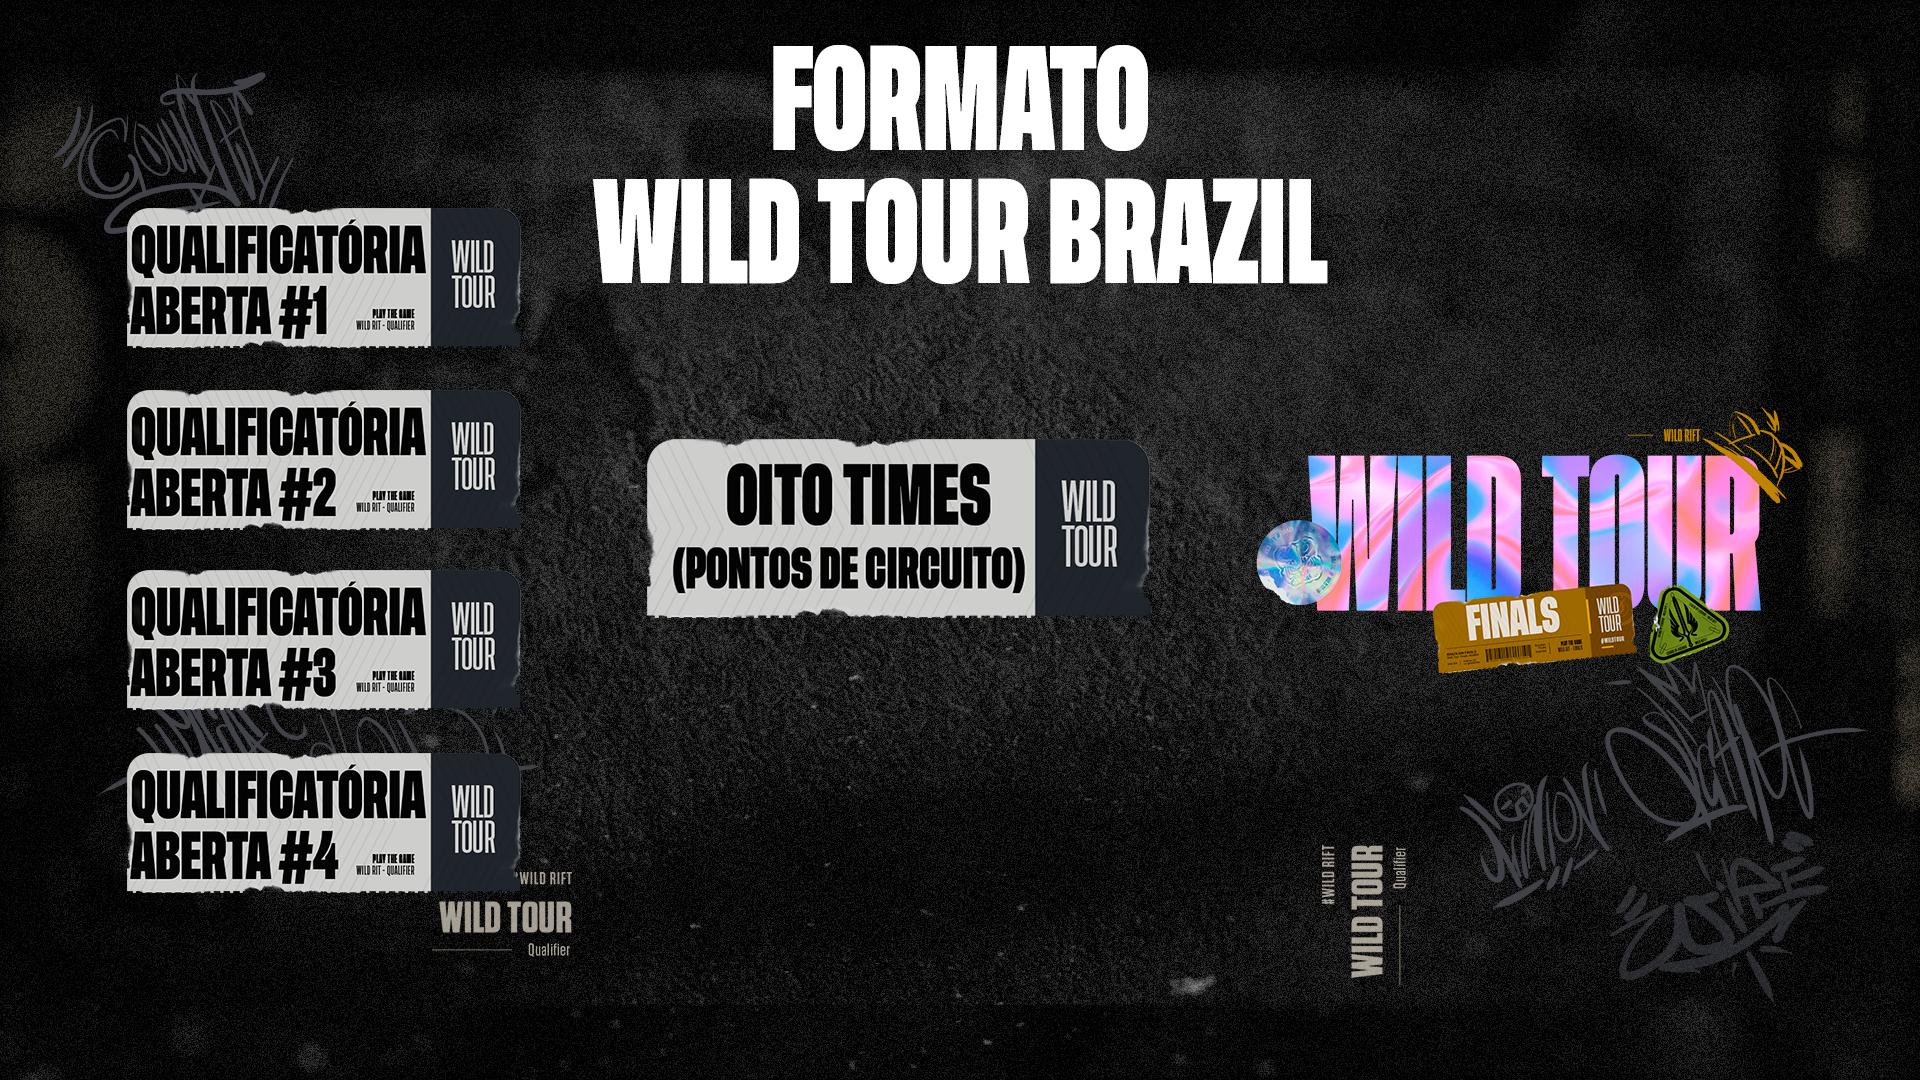 formato_wild_tour_(1).jpg